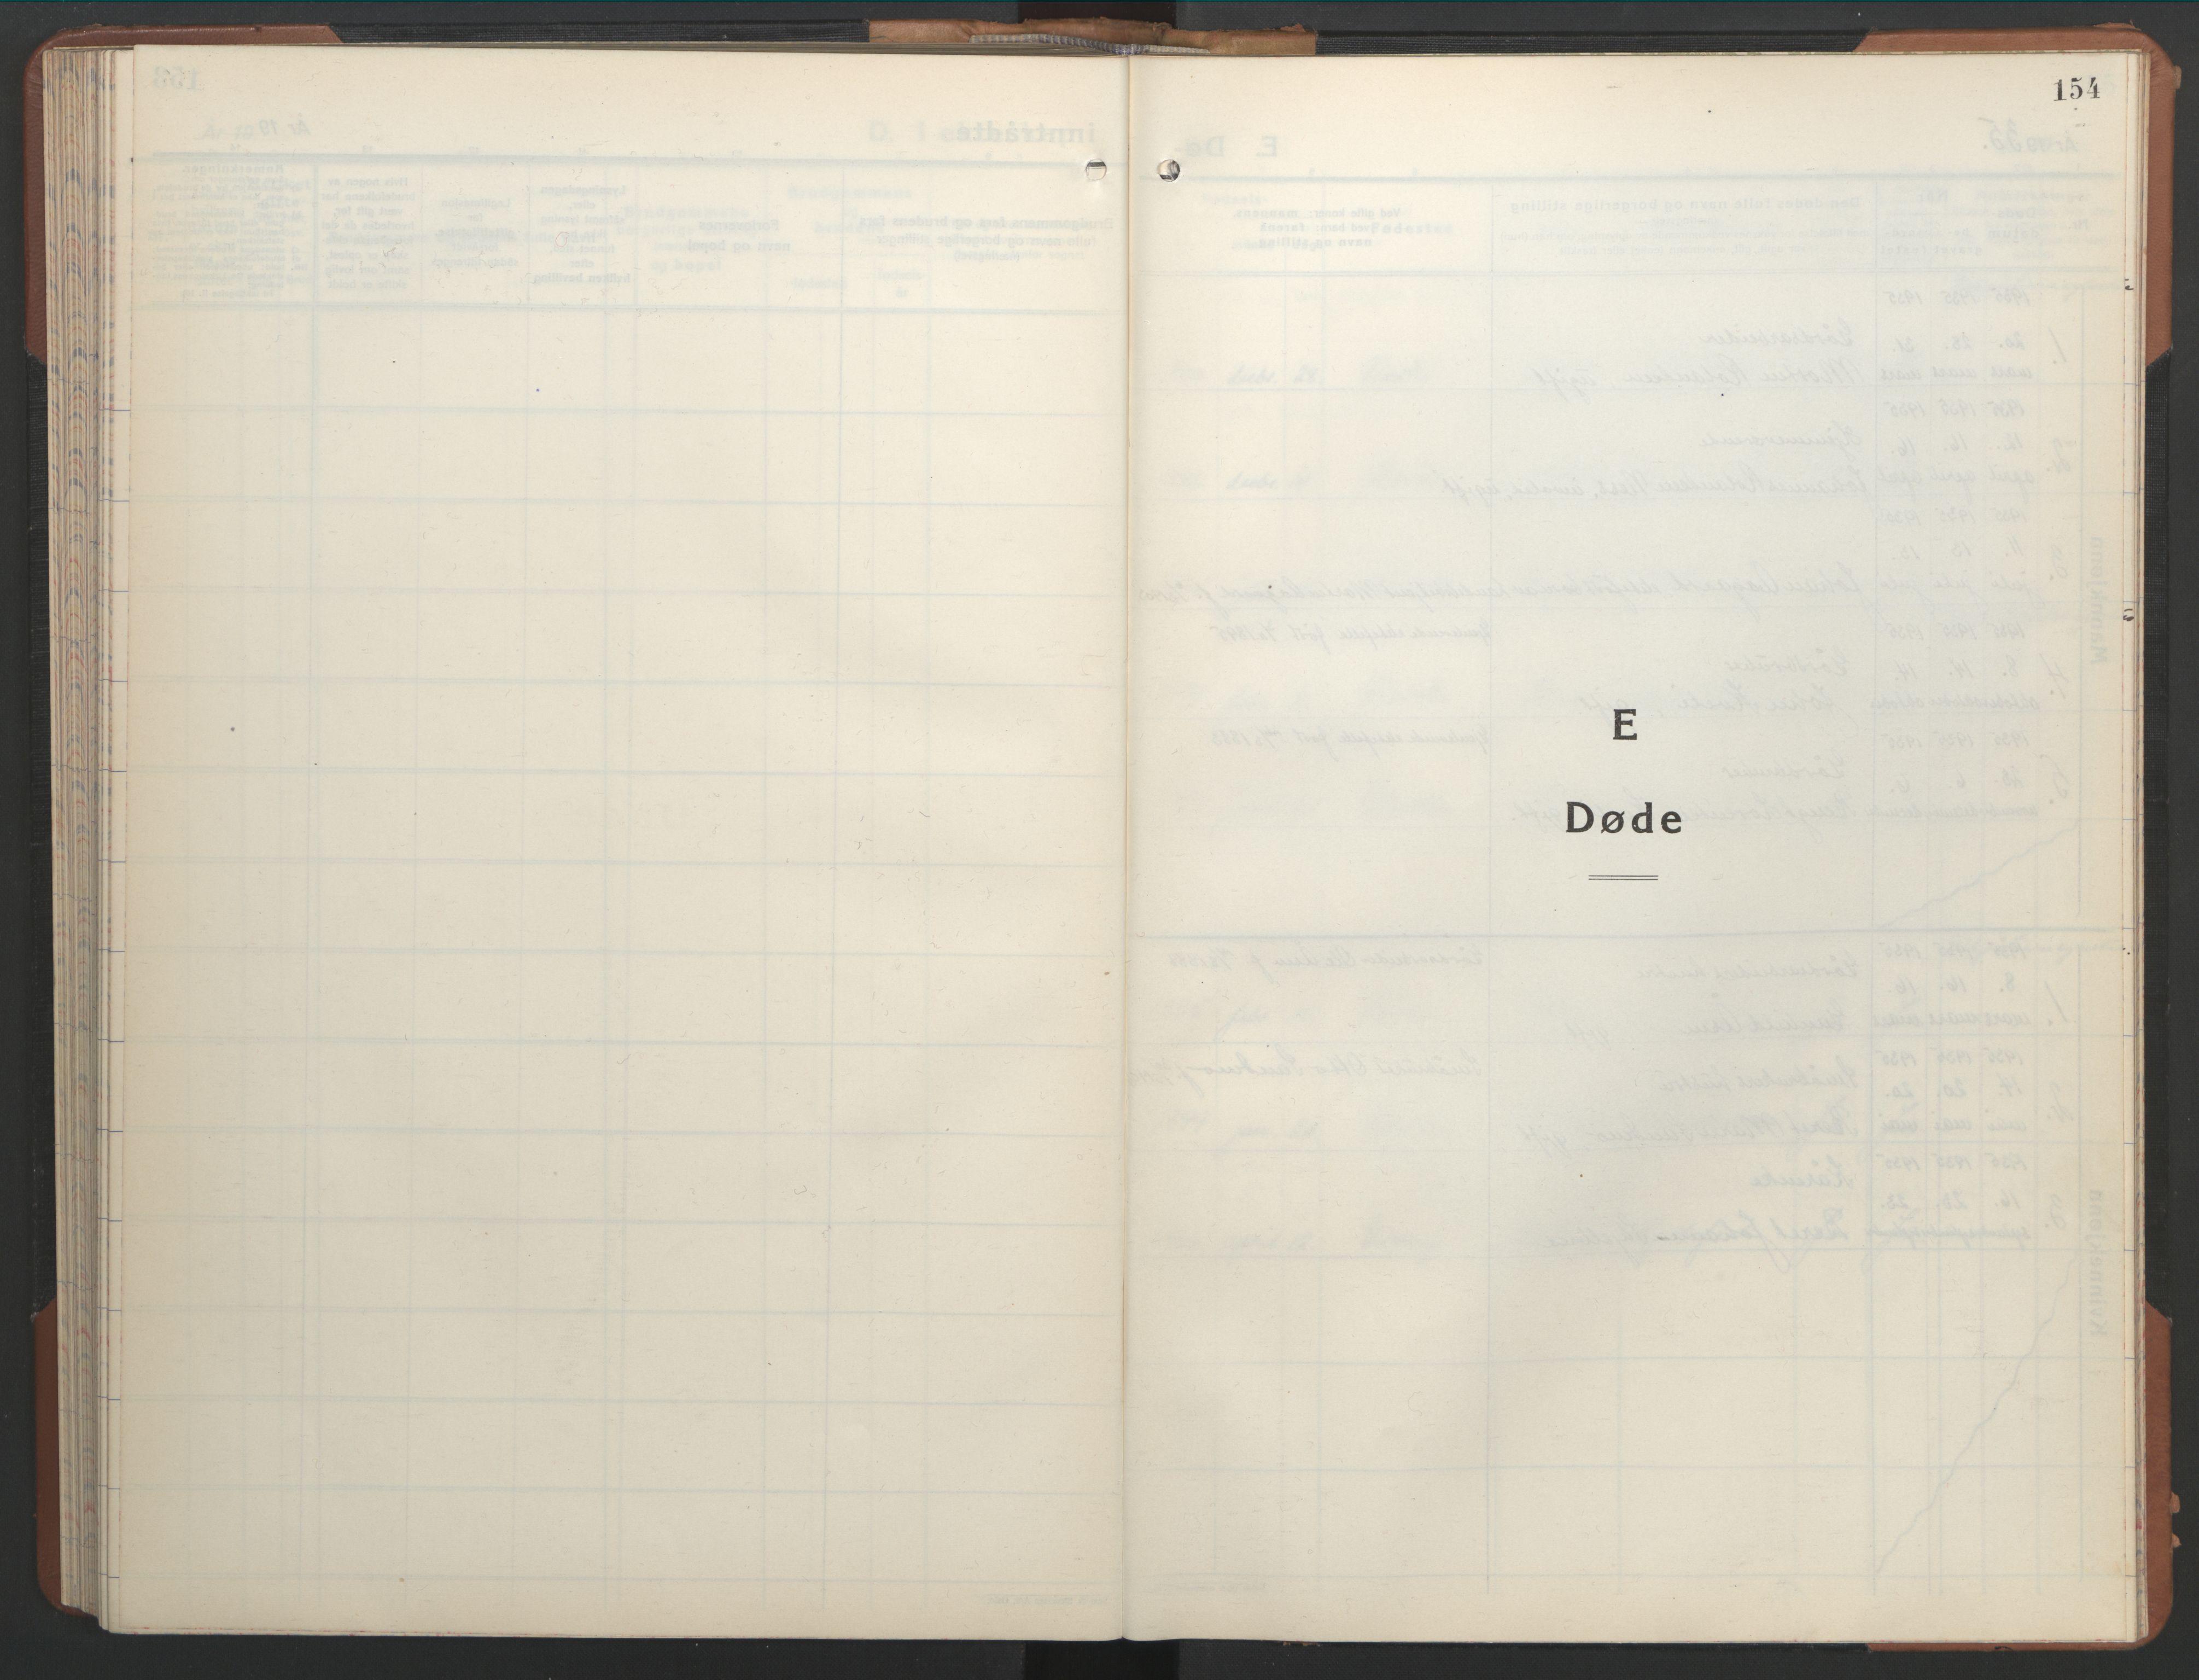 SAT, Ministerialprotokoller, klokkerbøker og fødselsregistre - Nord-Trøndelag, 755/L0500: Klokkerbok nr. 755C01, 1920-1962, s. 154